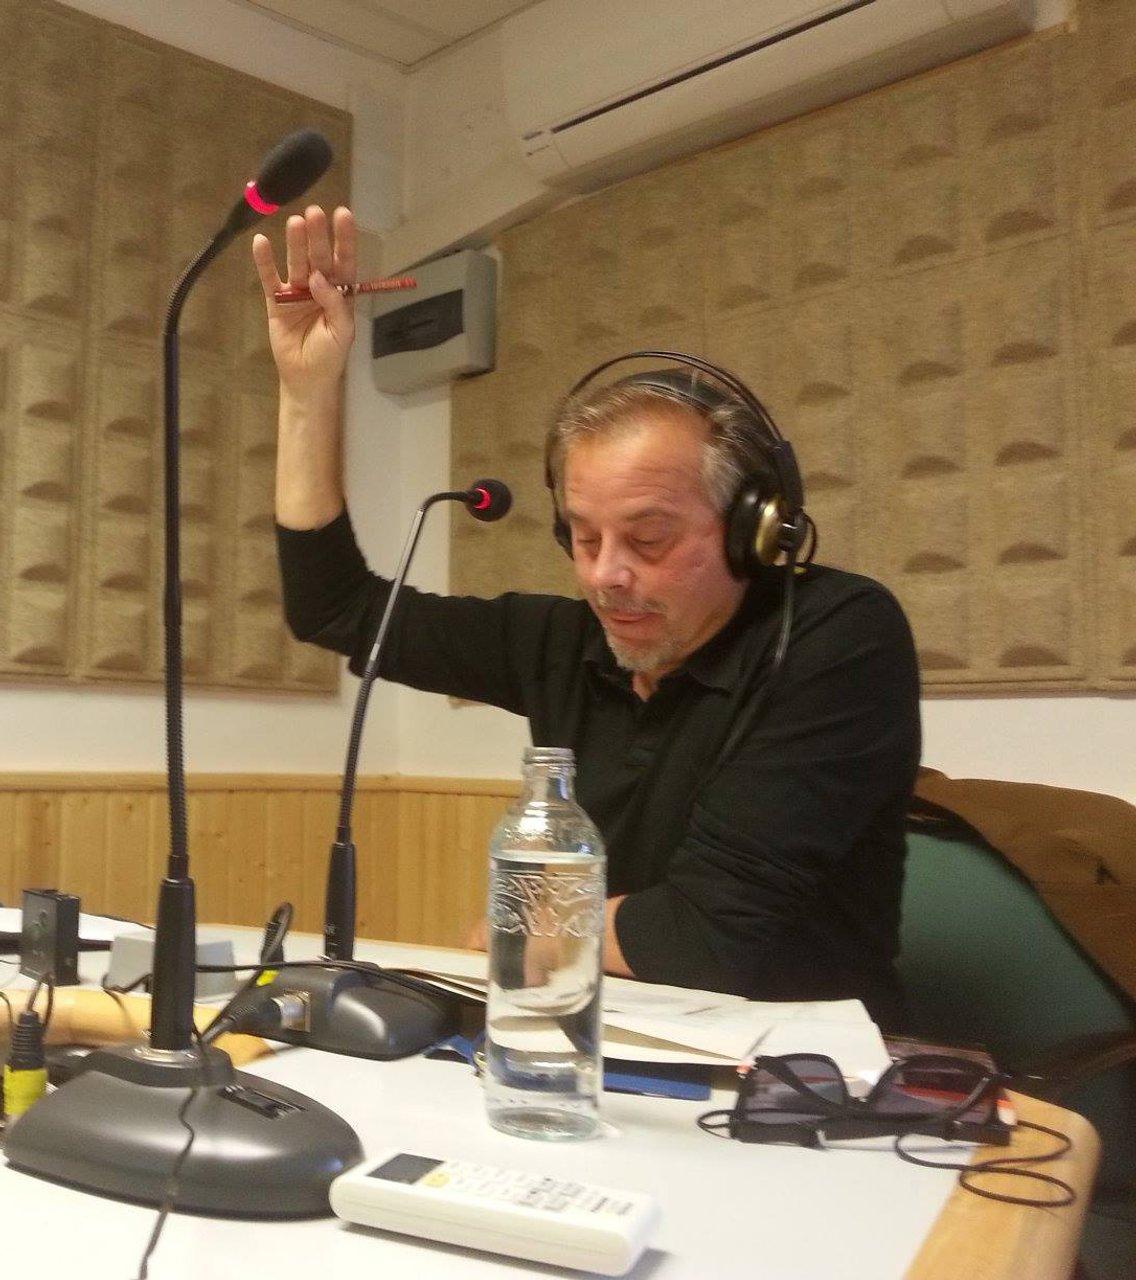 El Fascículo Arqueado - Radio & podcasting - Xavier de Tusalle - Cover Image